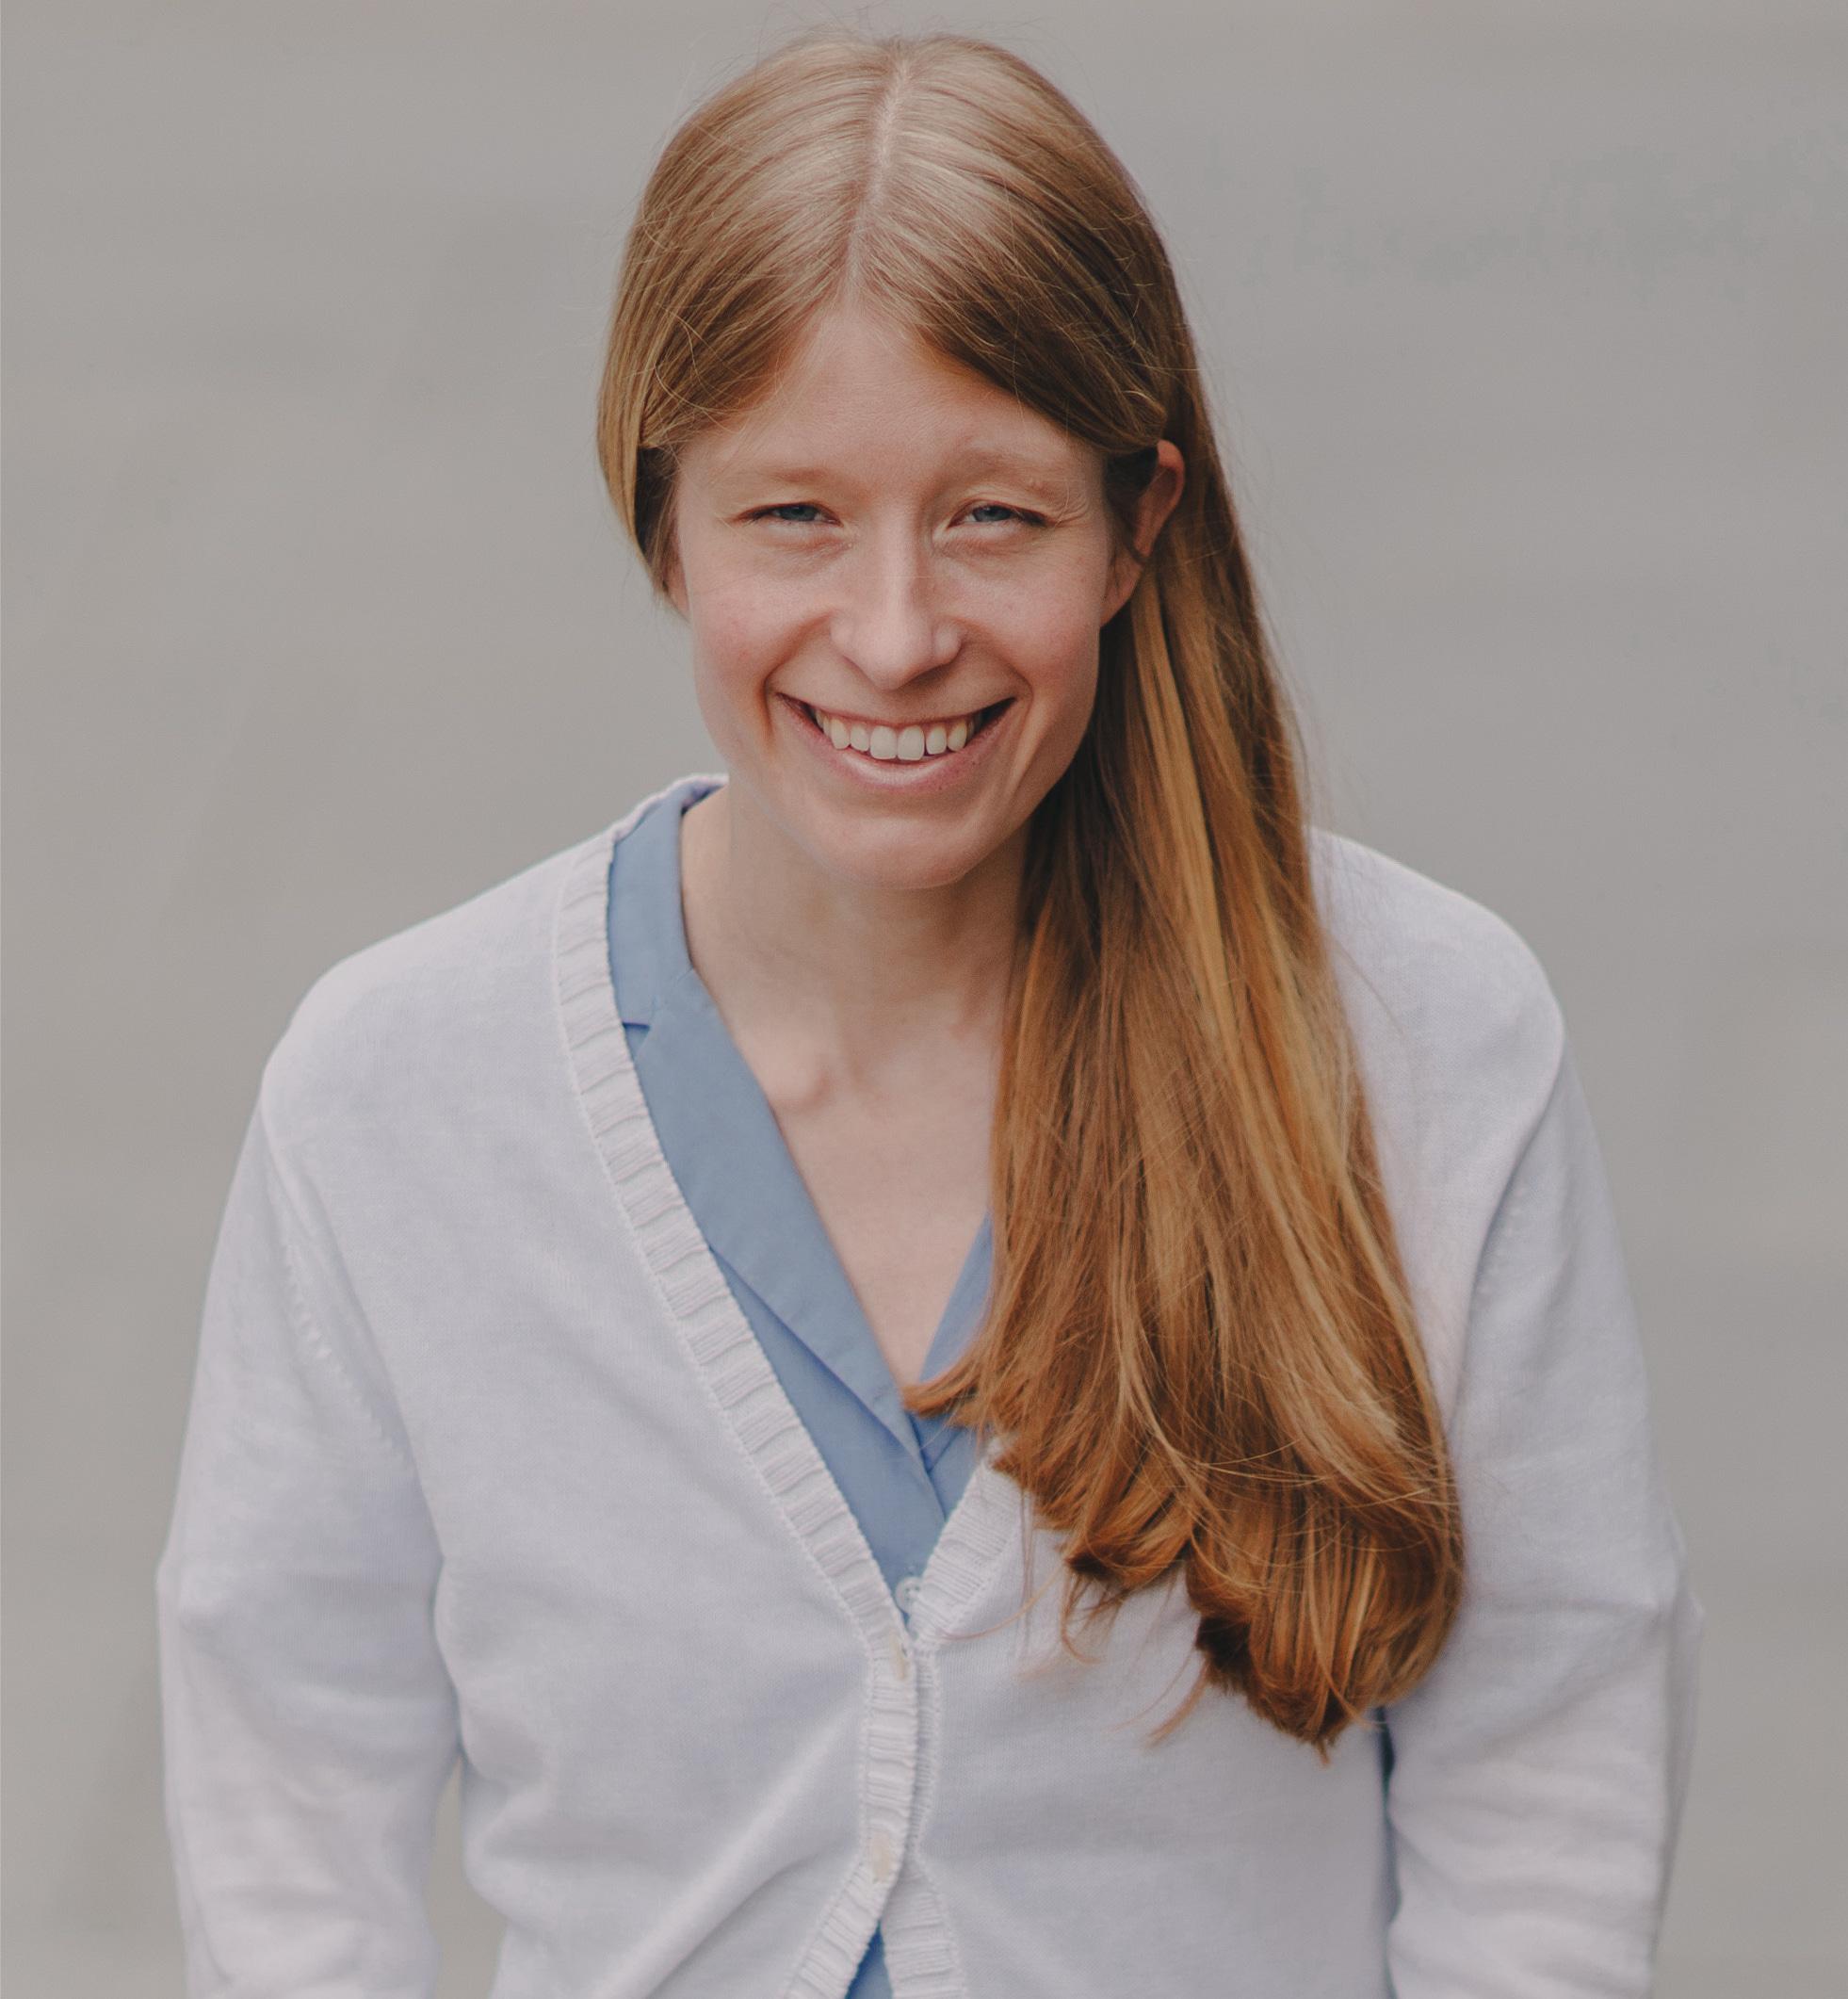 Dr. Brigitte Zrenner